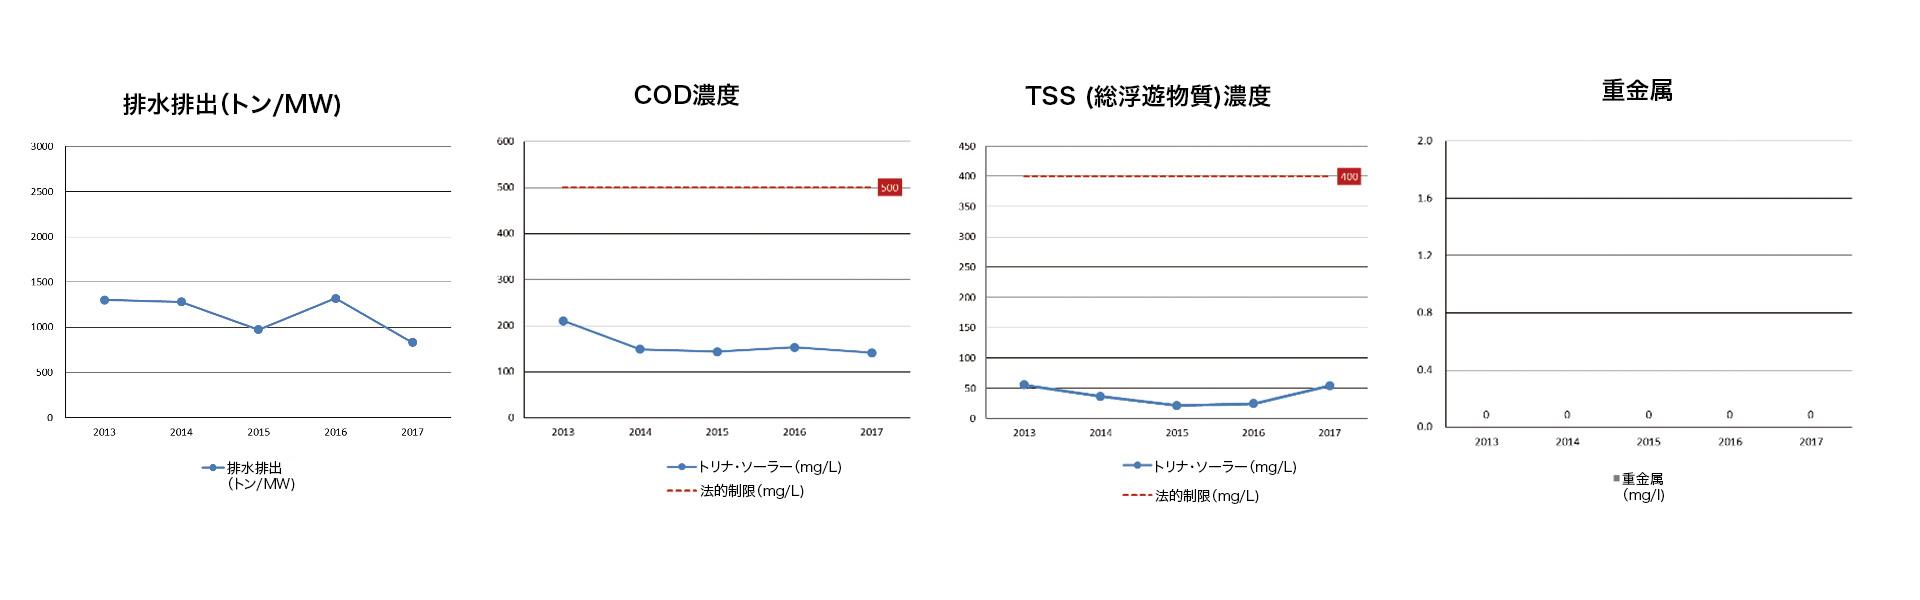 排水排出(トン/MW)、COD濃度、TSS (総浮遊物質)濃度、重金属